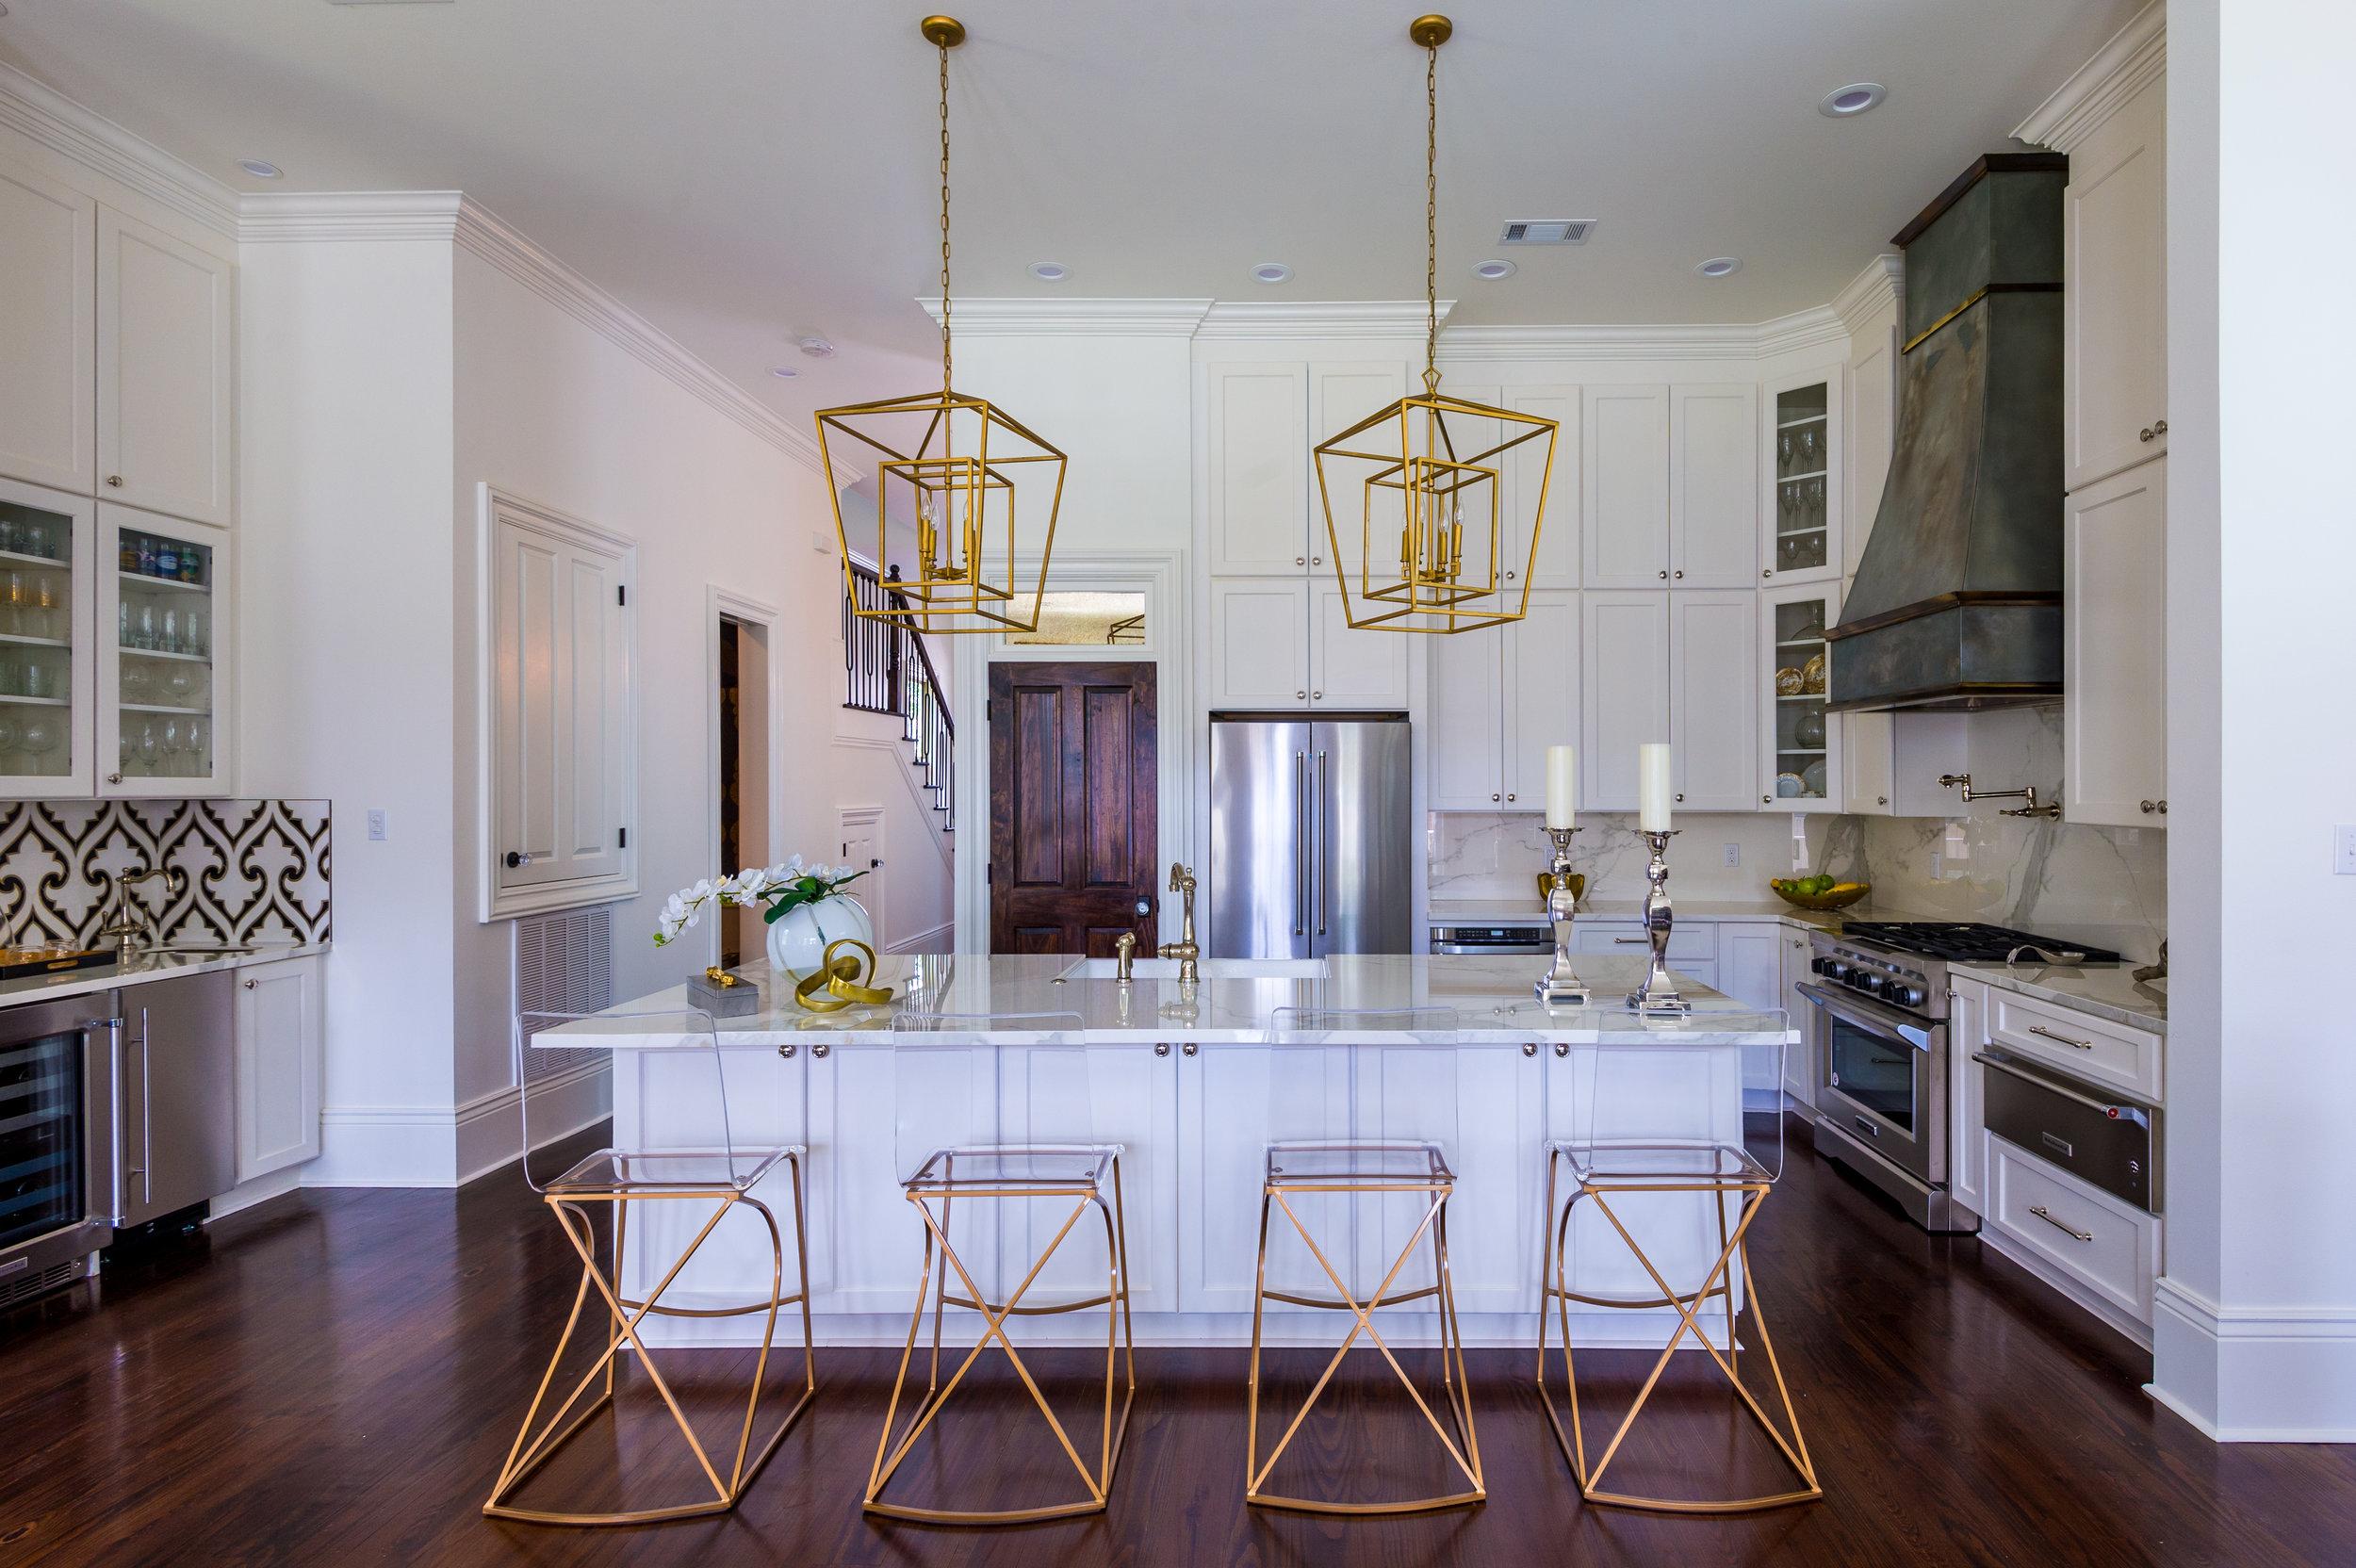 khb interiors new orleans interior decorator metairie interior designer kitchens new orleans